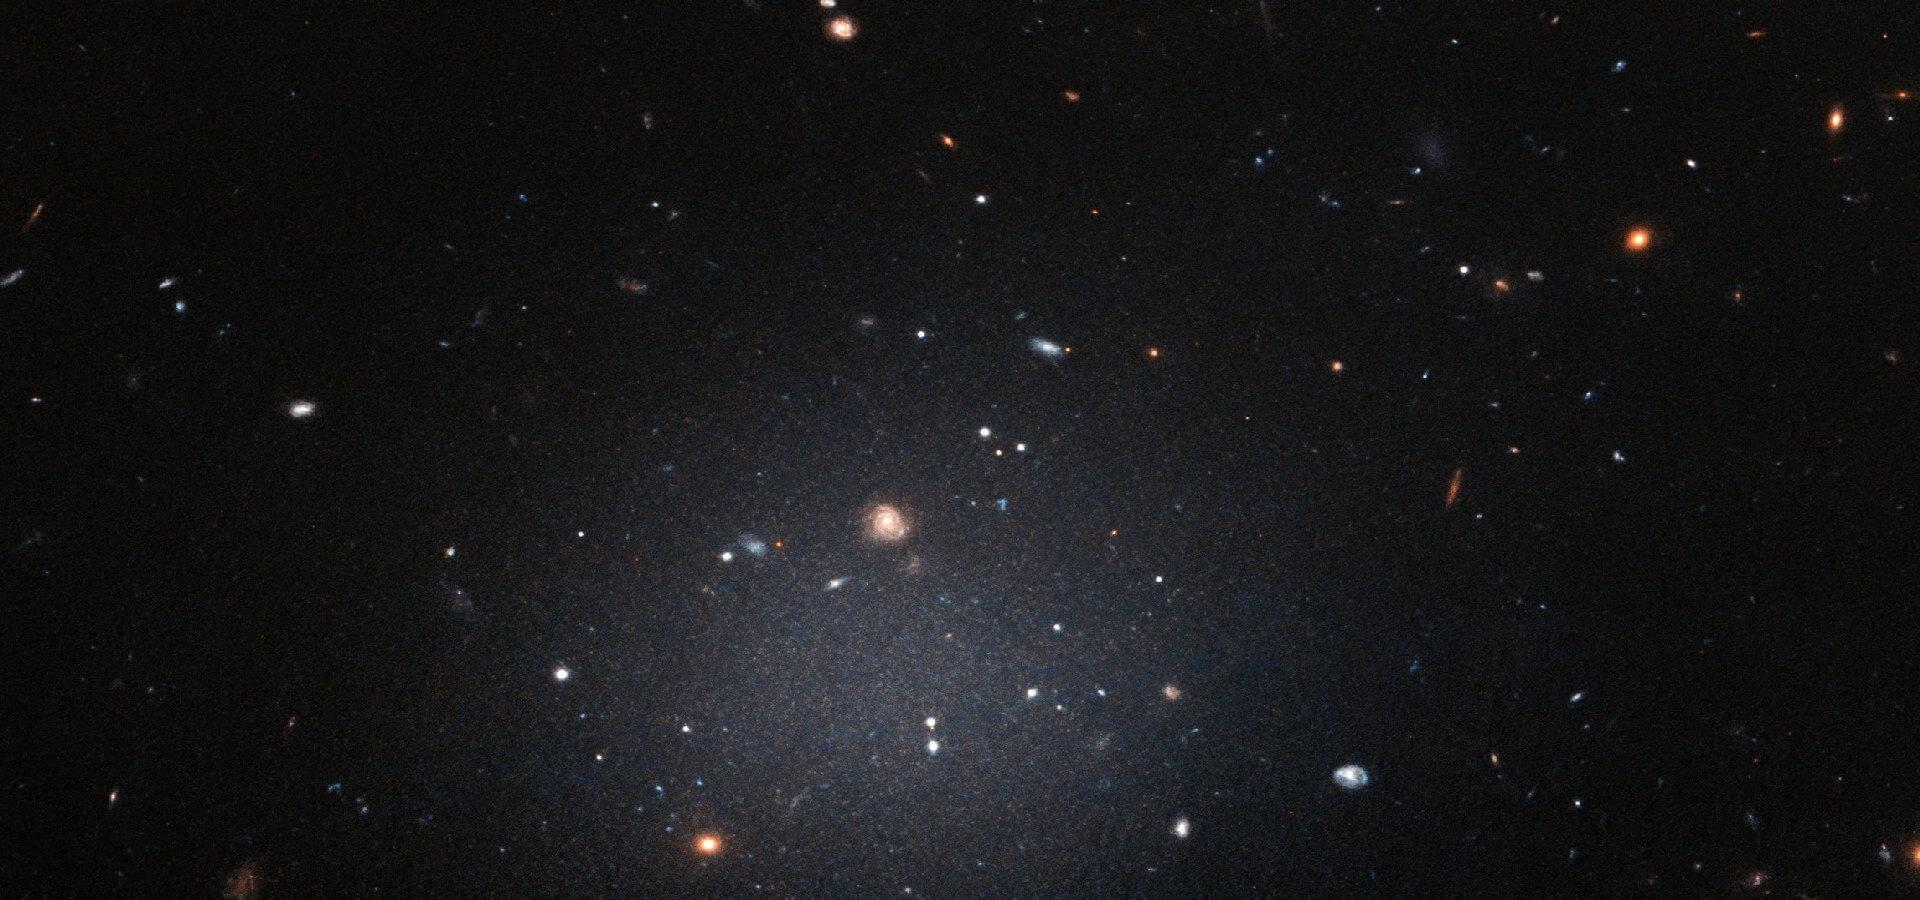 ماده تاریک در کهکشان ها - جهان تاریک